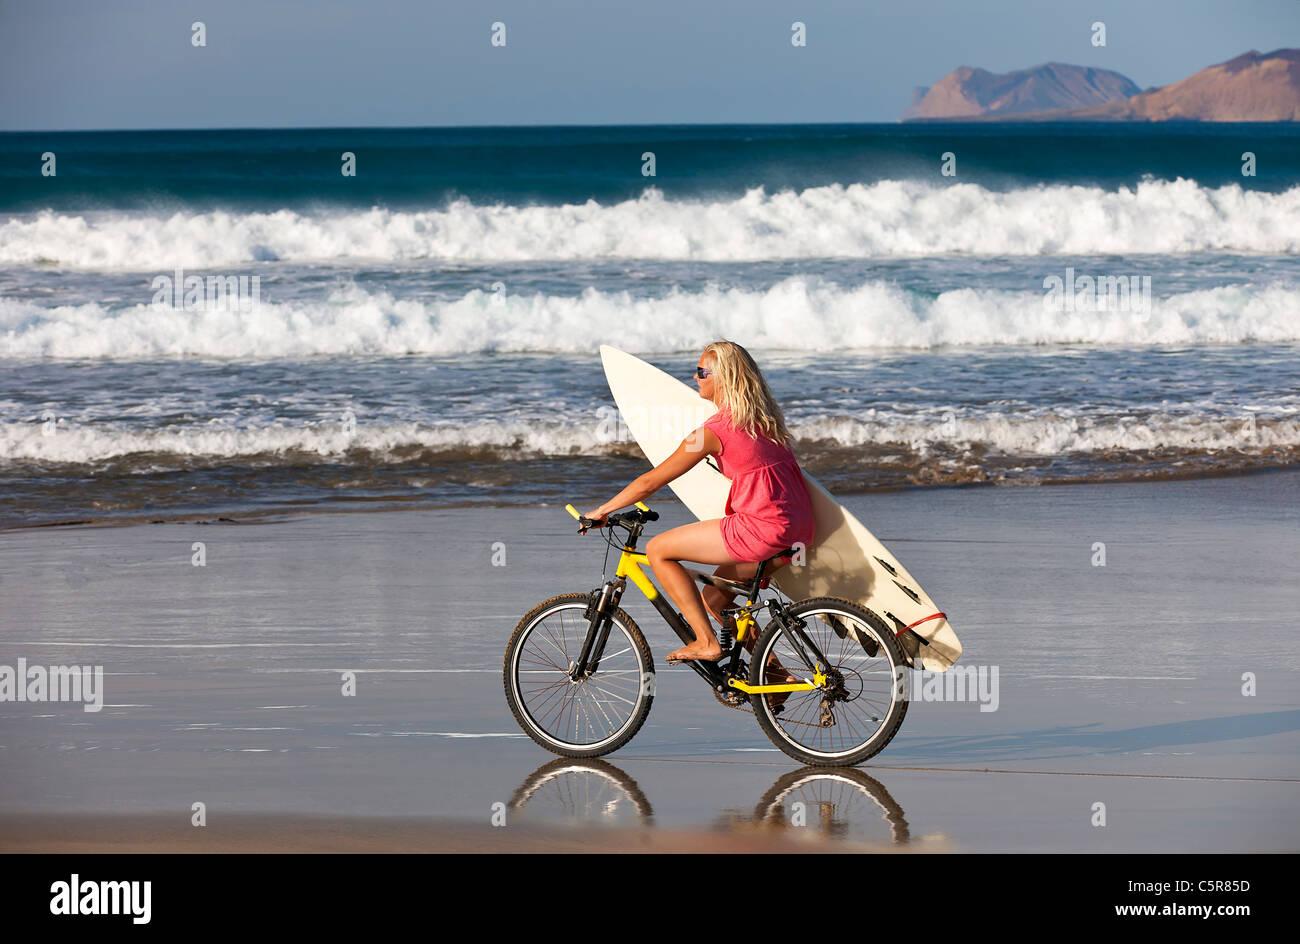 Surfer Mädchen reitet auf den Wellen des Ozeans auf Mountainbike. Stockbild